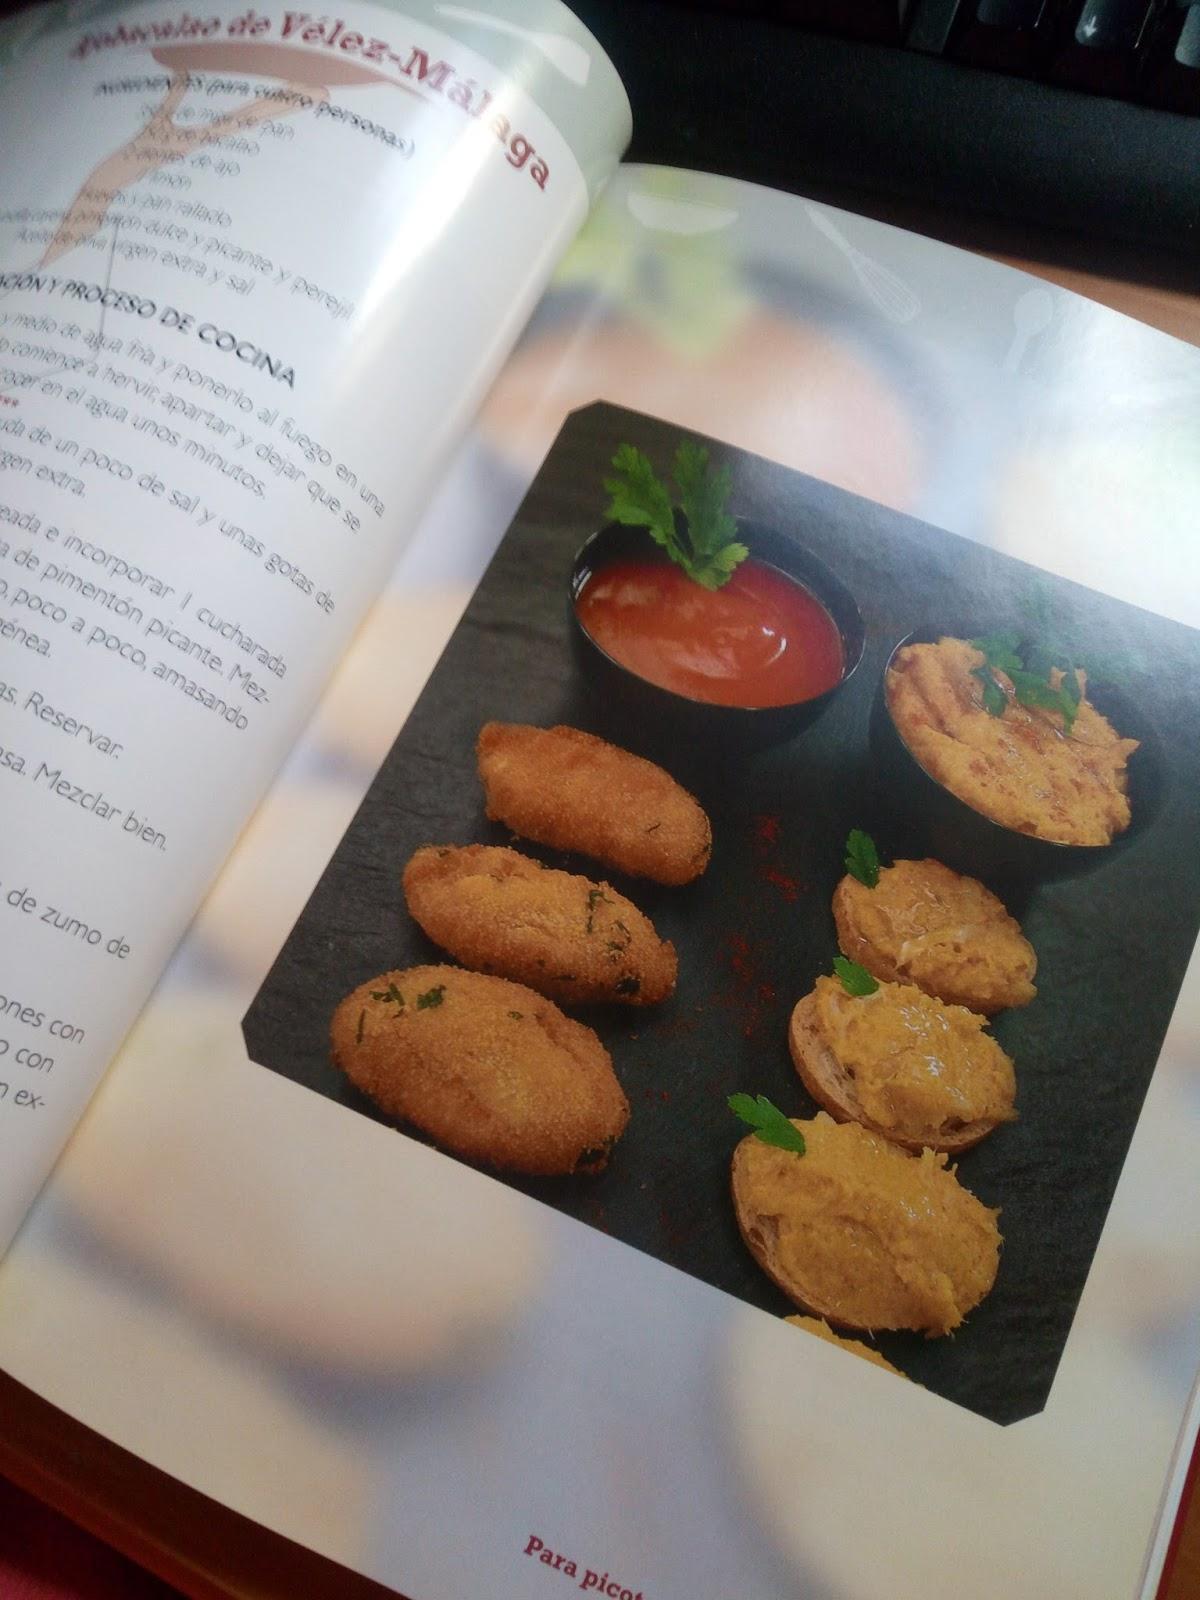 Cocina canal sur recetas de cometelo videos great receta adaptada del - Cocina canal sur ...